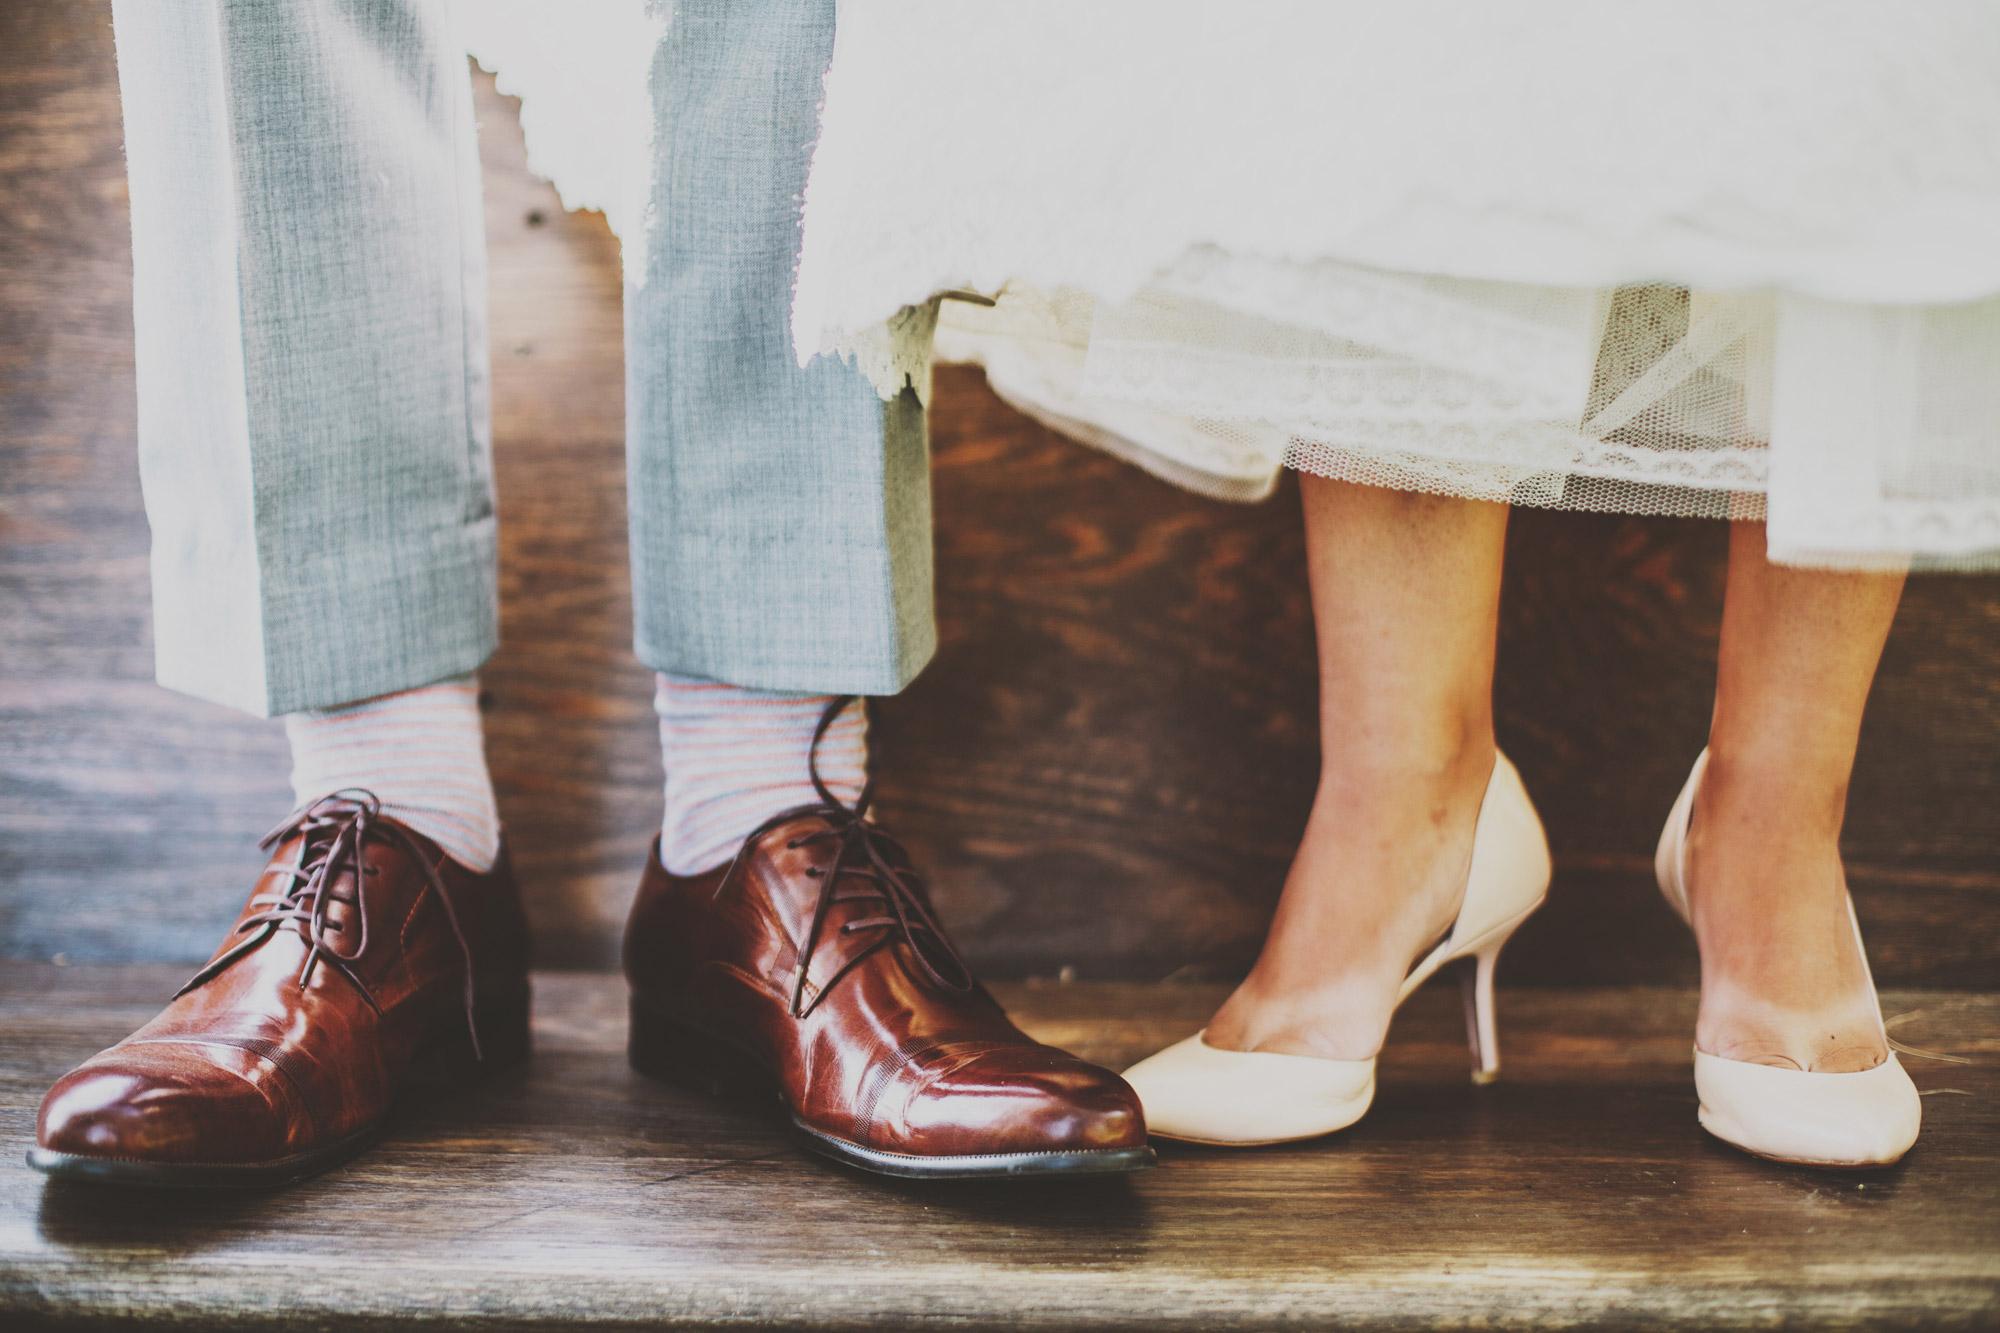 Gros plans sur des pieds d'homme et de femme semblant appartenir à des mariés